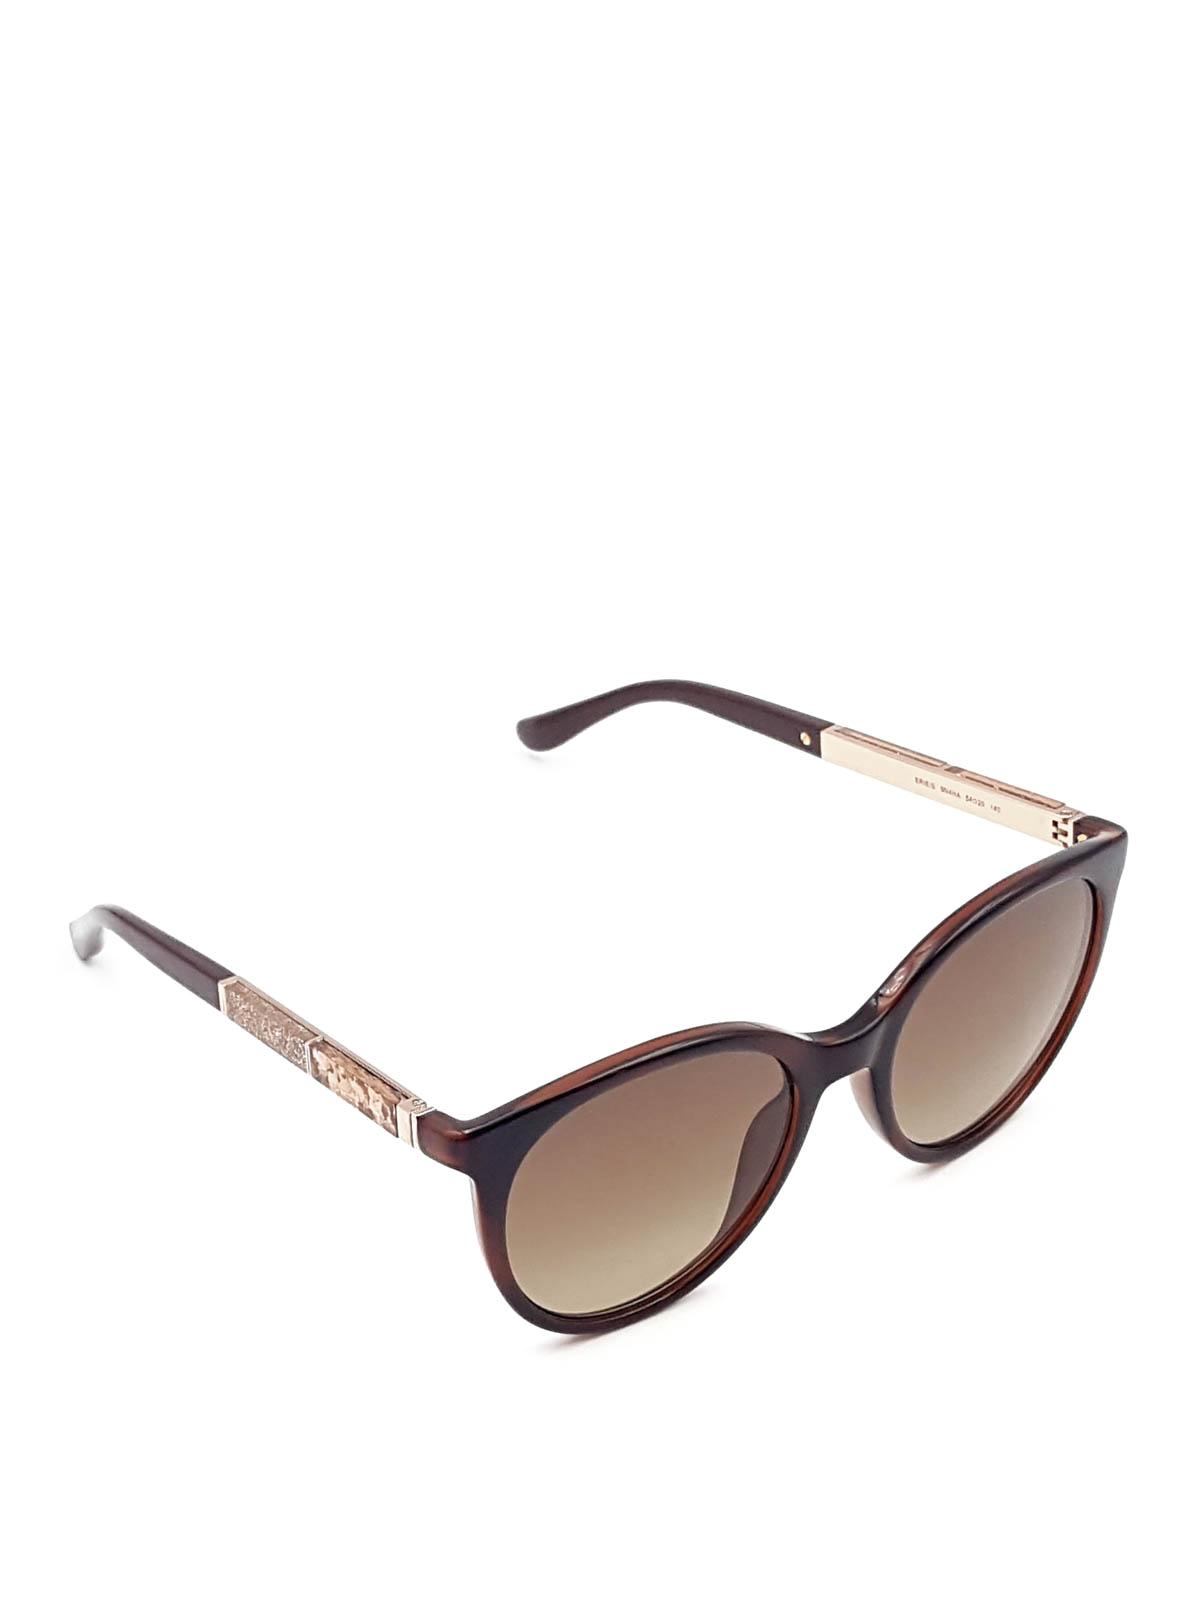 ee2f6469e5ab Jimmy Choo - Erie sunglasses - sunglasses - ERIE9N4